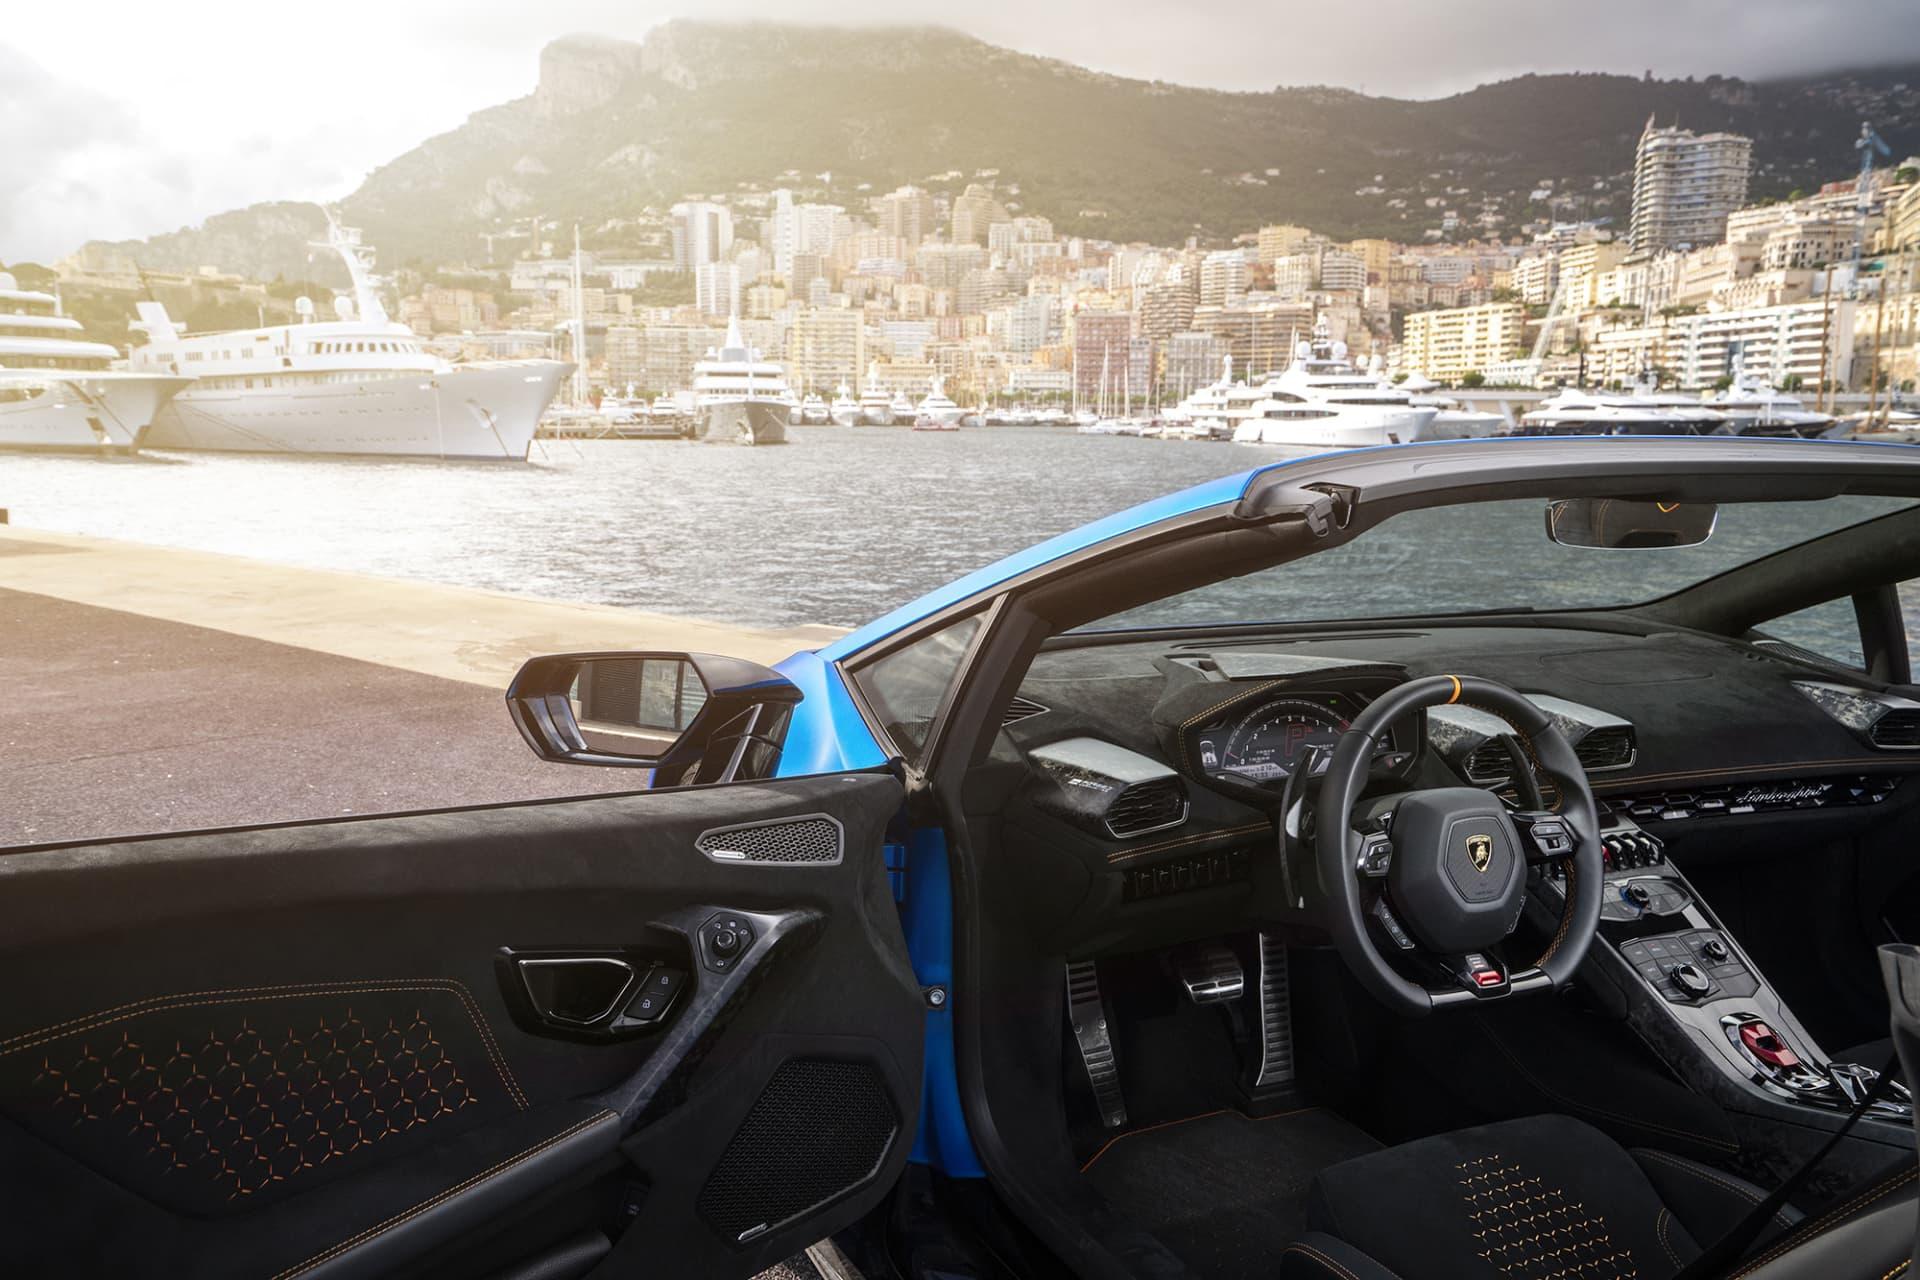 """Inredningen i Lamborghini Huracán Performante Spyder är ombonad med alcantara och kolfiber. Kolfibern ser dock lite annorlunda ut och iställer för att vara vävd är den pressad. Lamborghini har valt att kalla den Forged Carbon""""."""